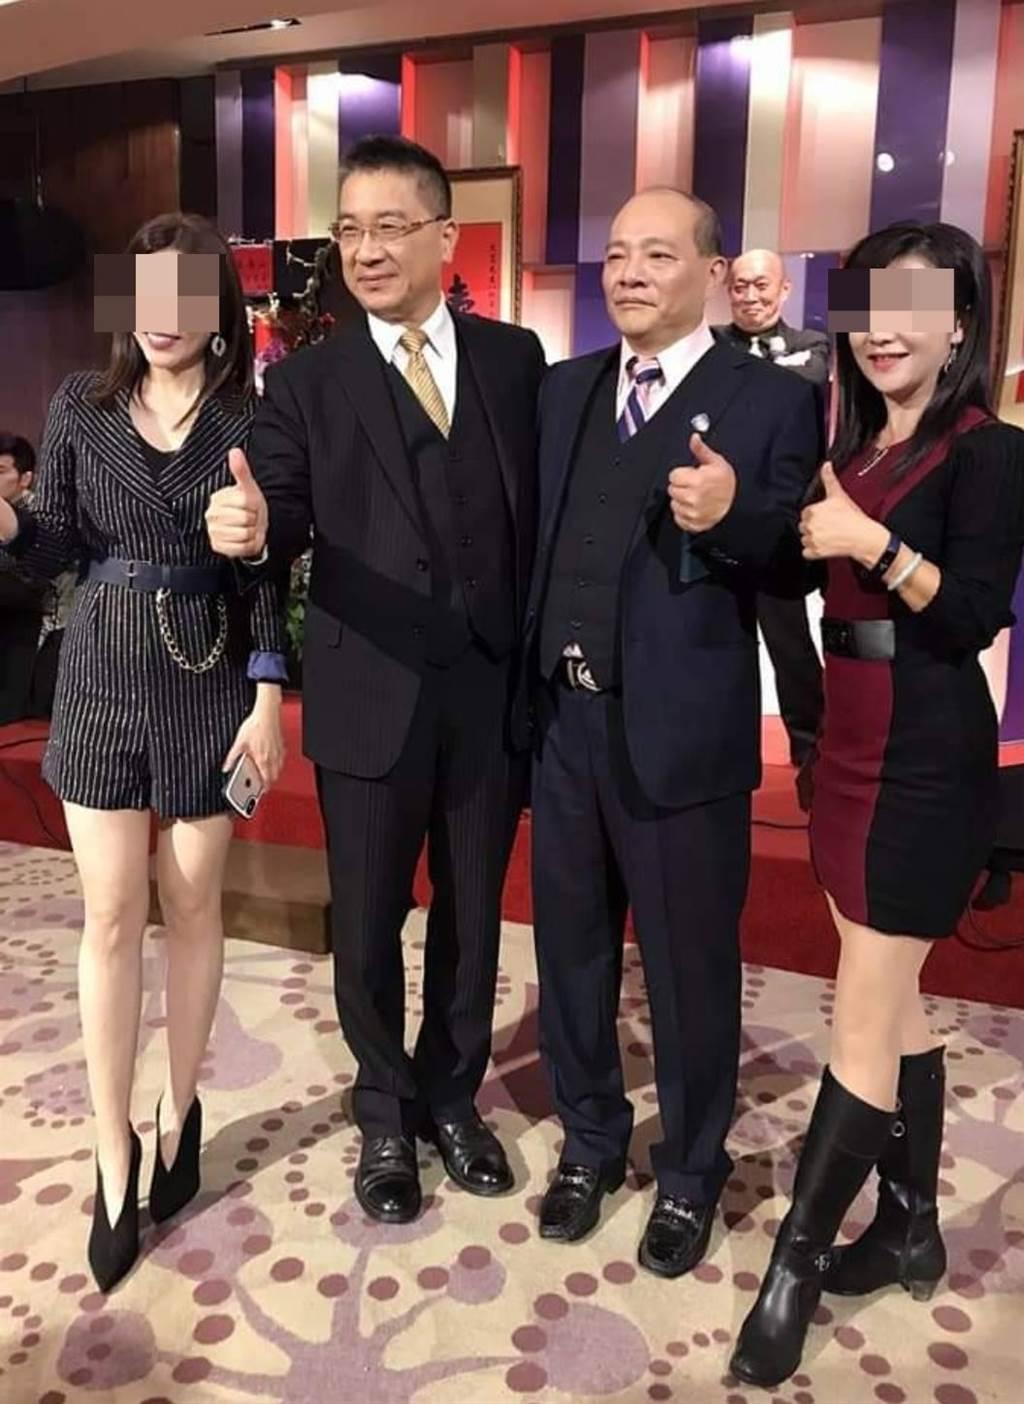 徐國勇與趙映光因地方人士介紹後熟識,去年12月受邀參與趙映光父親的壽宴。(翻攝自臉書)